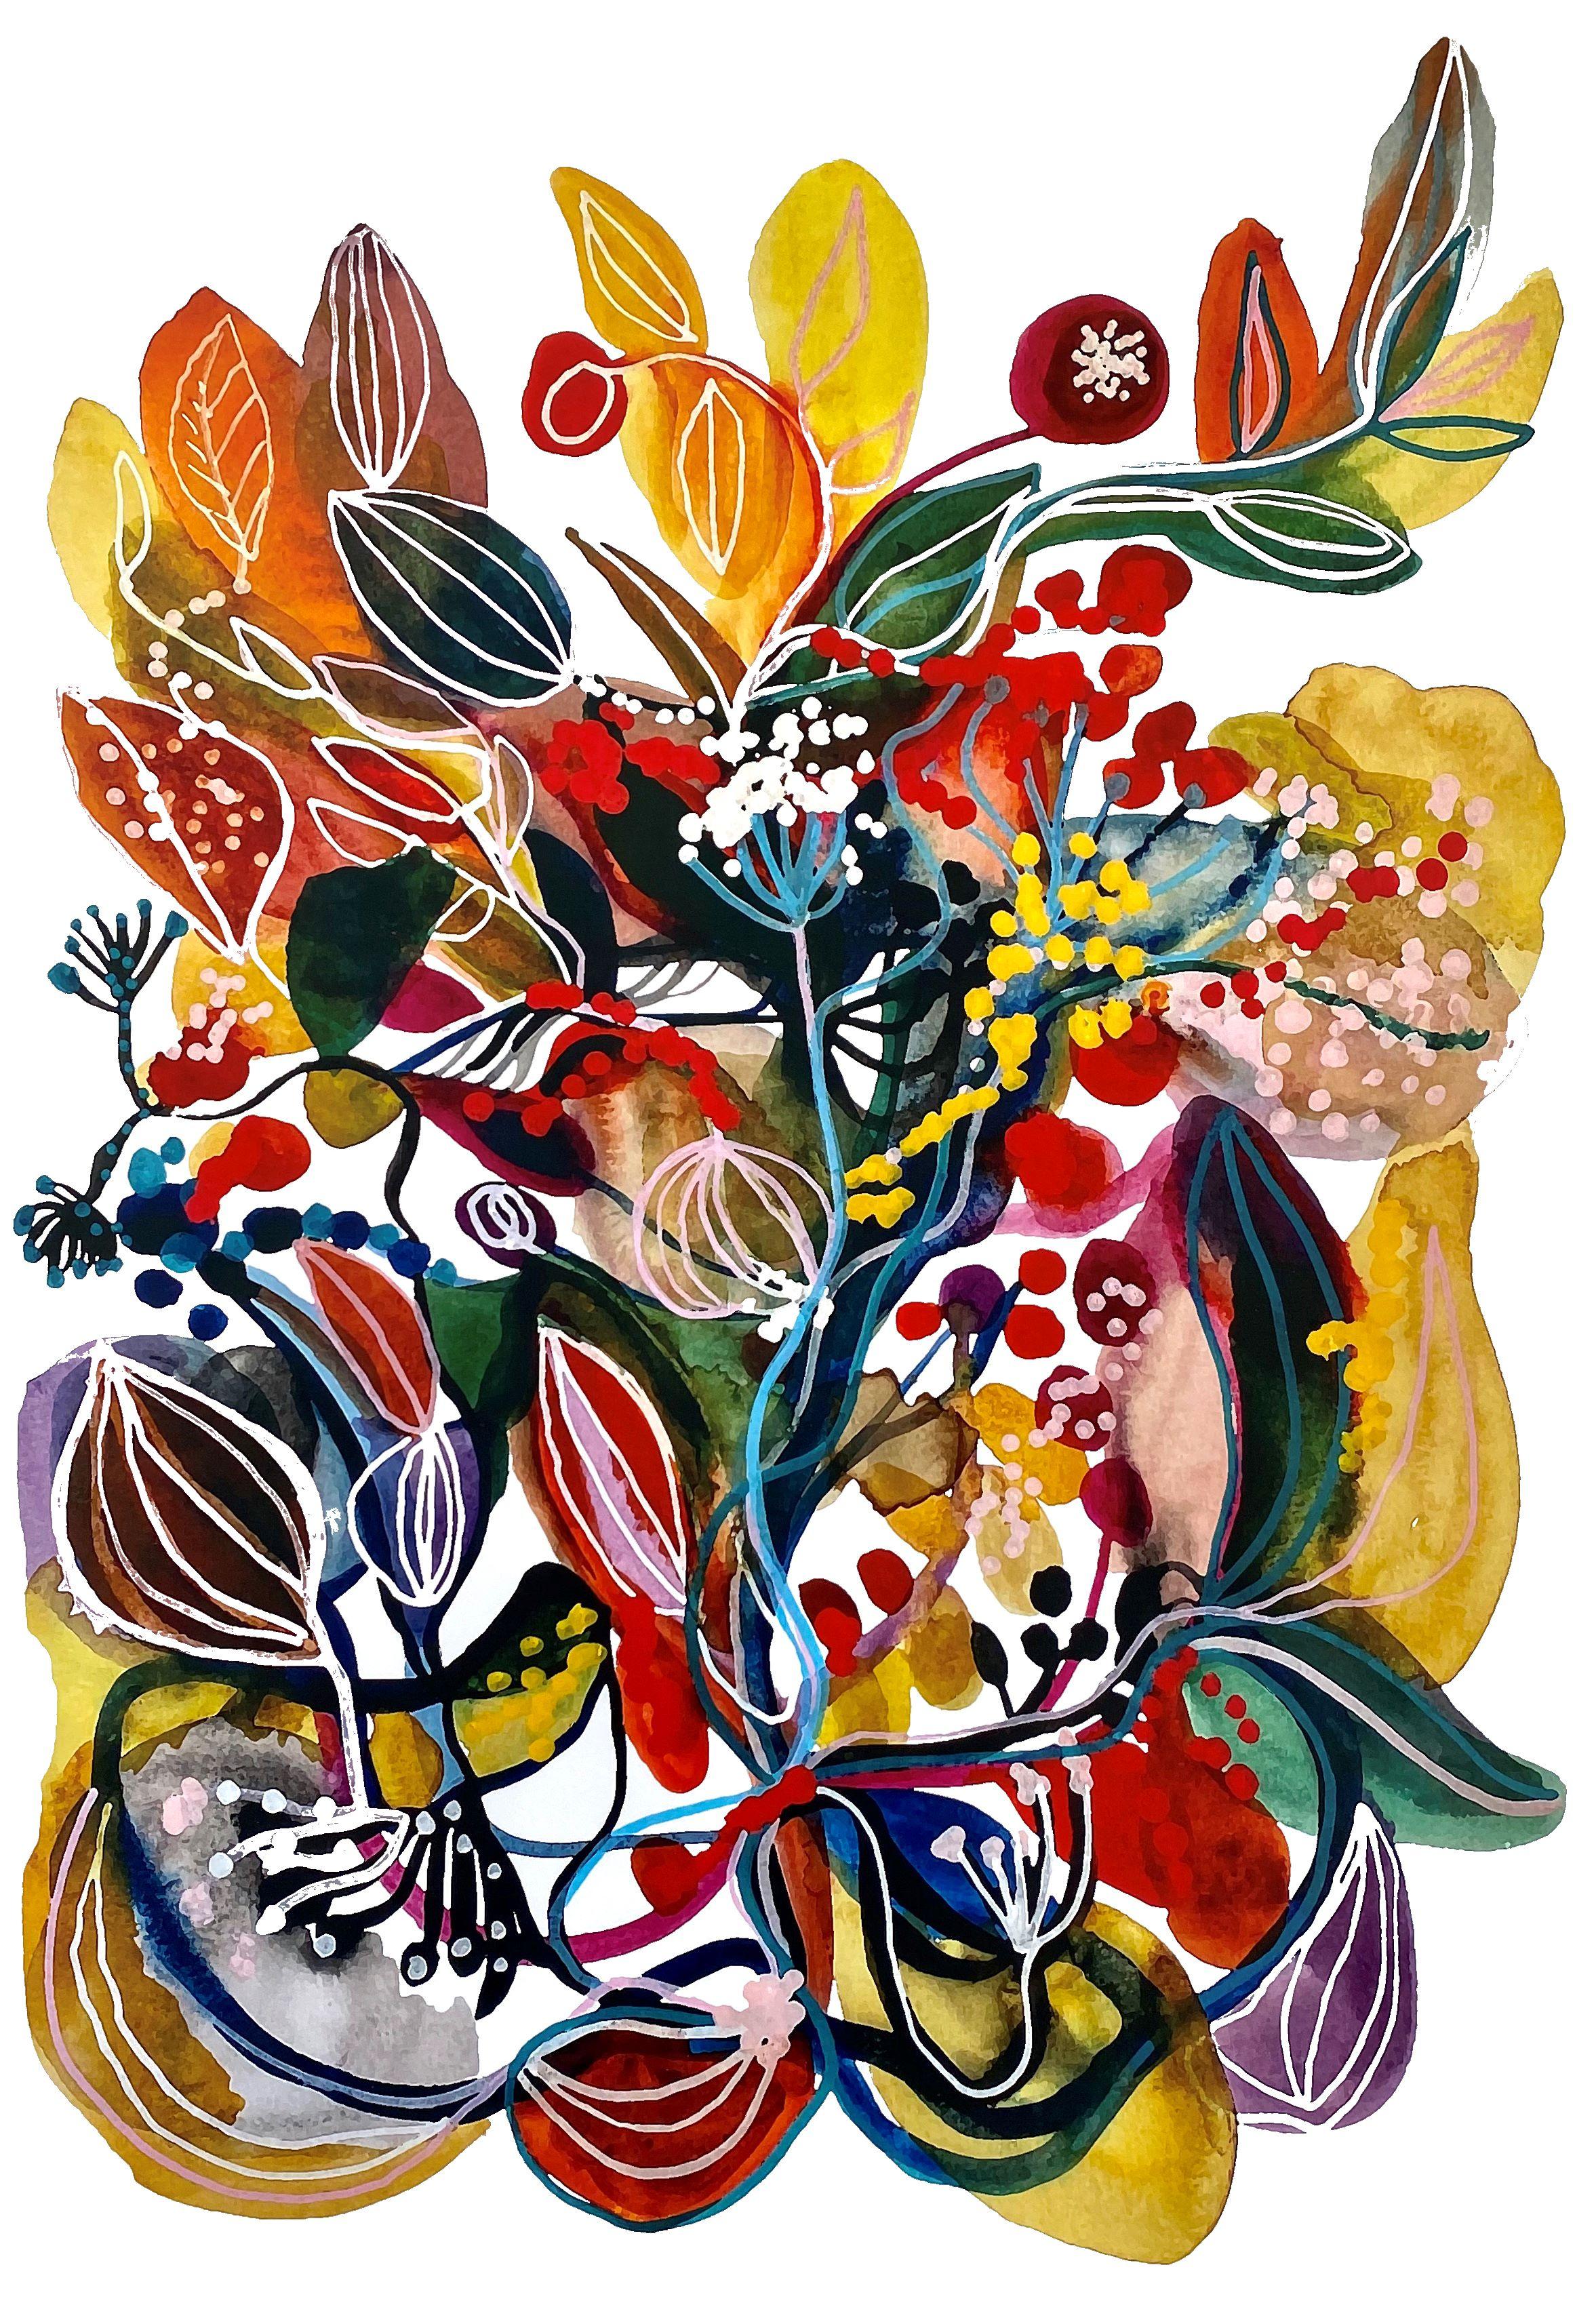 Trycket Blomstertid av Karolina Palmér, en färgexplosion som skapar glädje och ger energi.